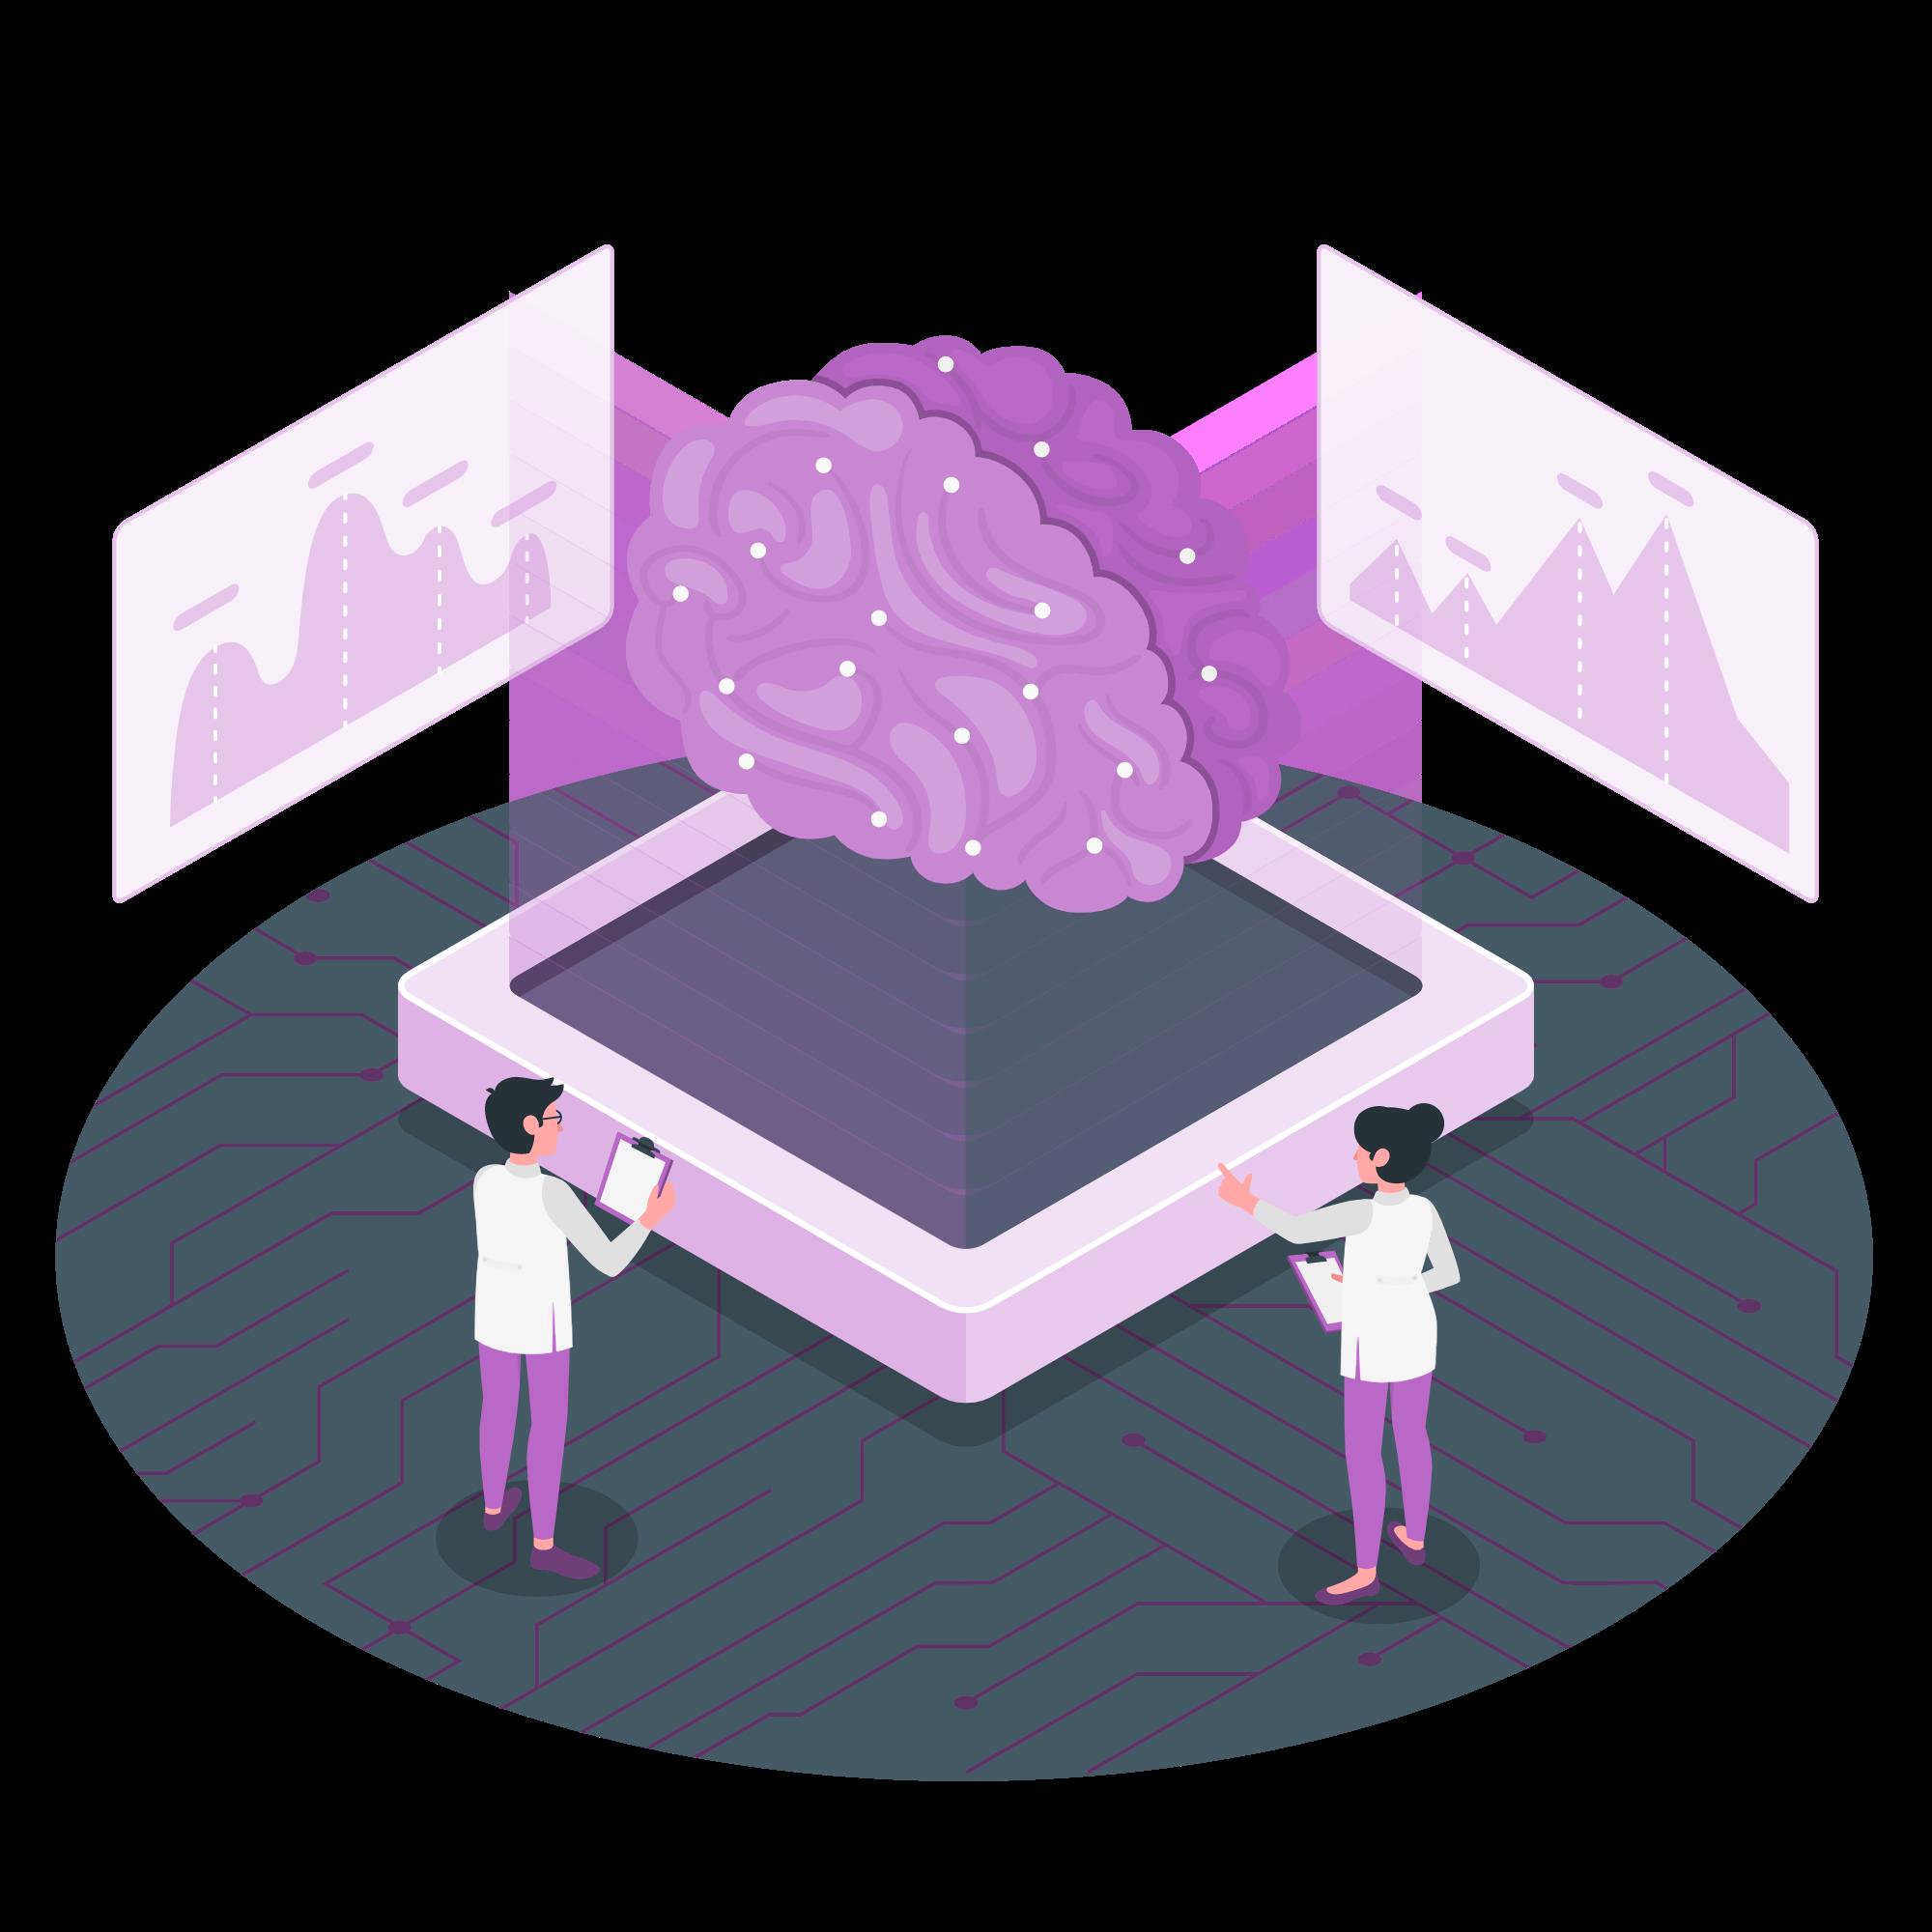 Las técnicas de deep learning son herramientas poderosas para dar solución al problema del reconocimiento de patrones